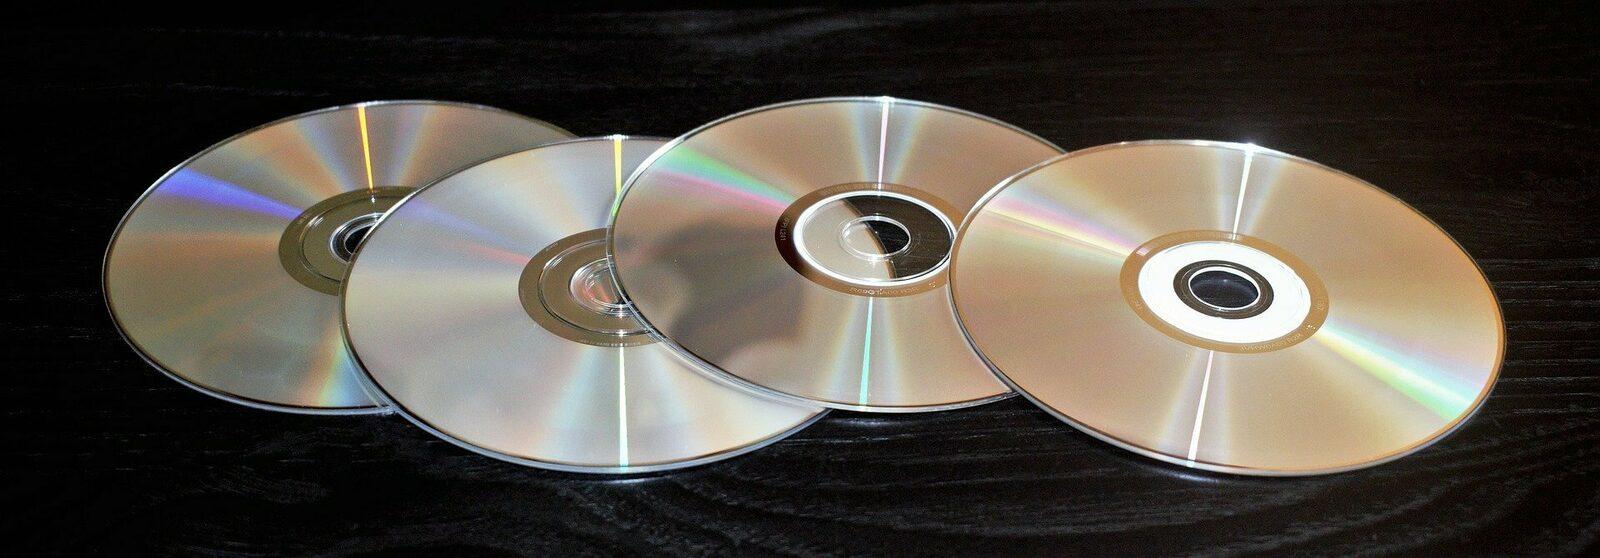 DVD-Spieler